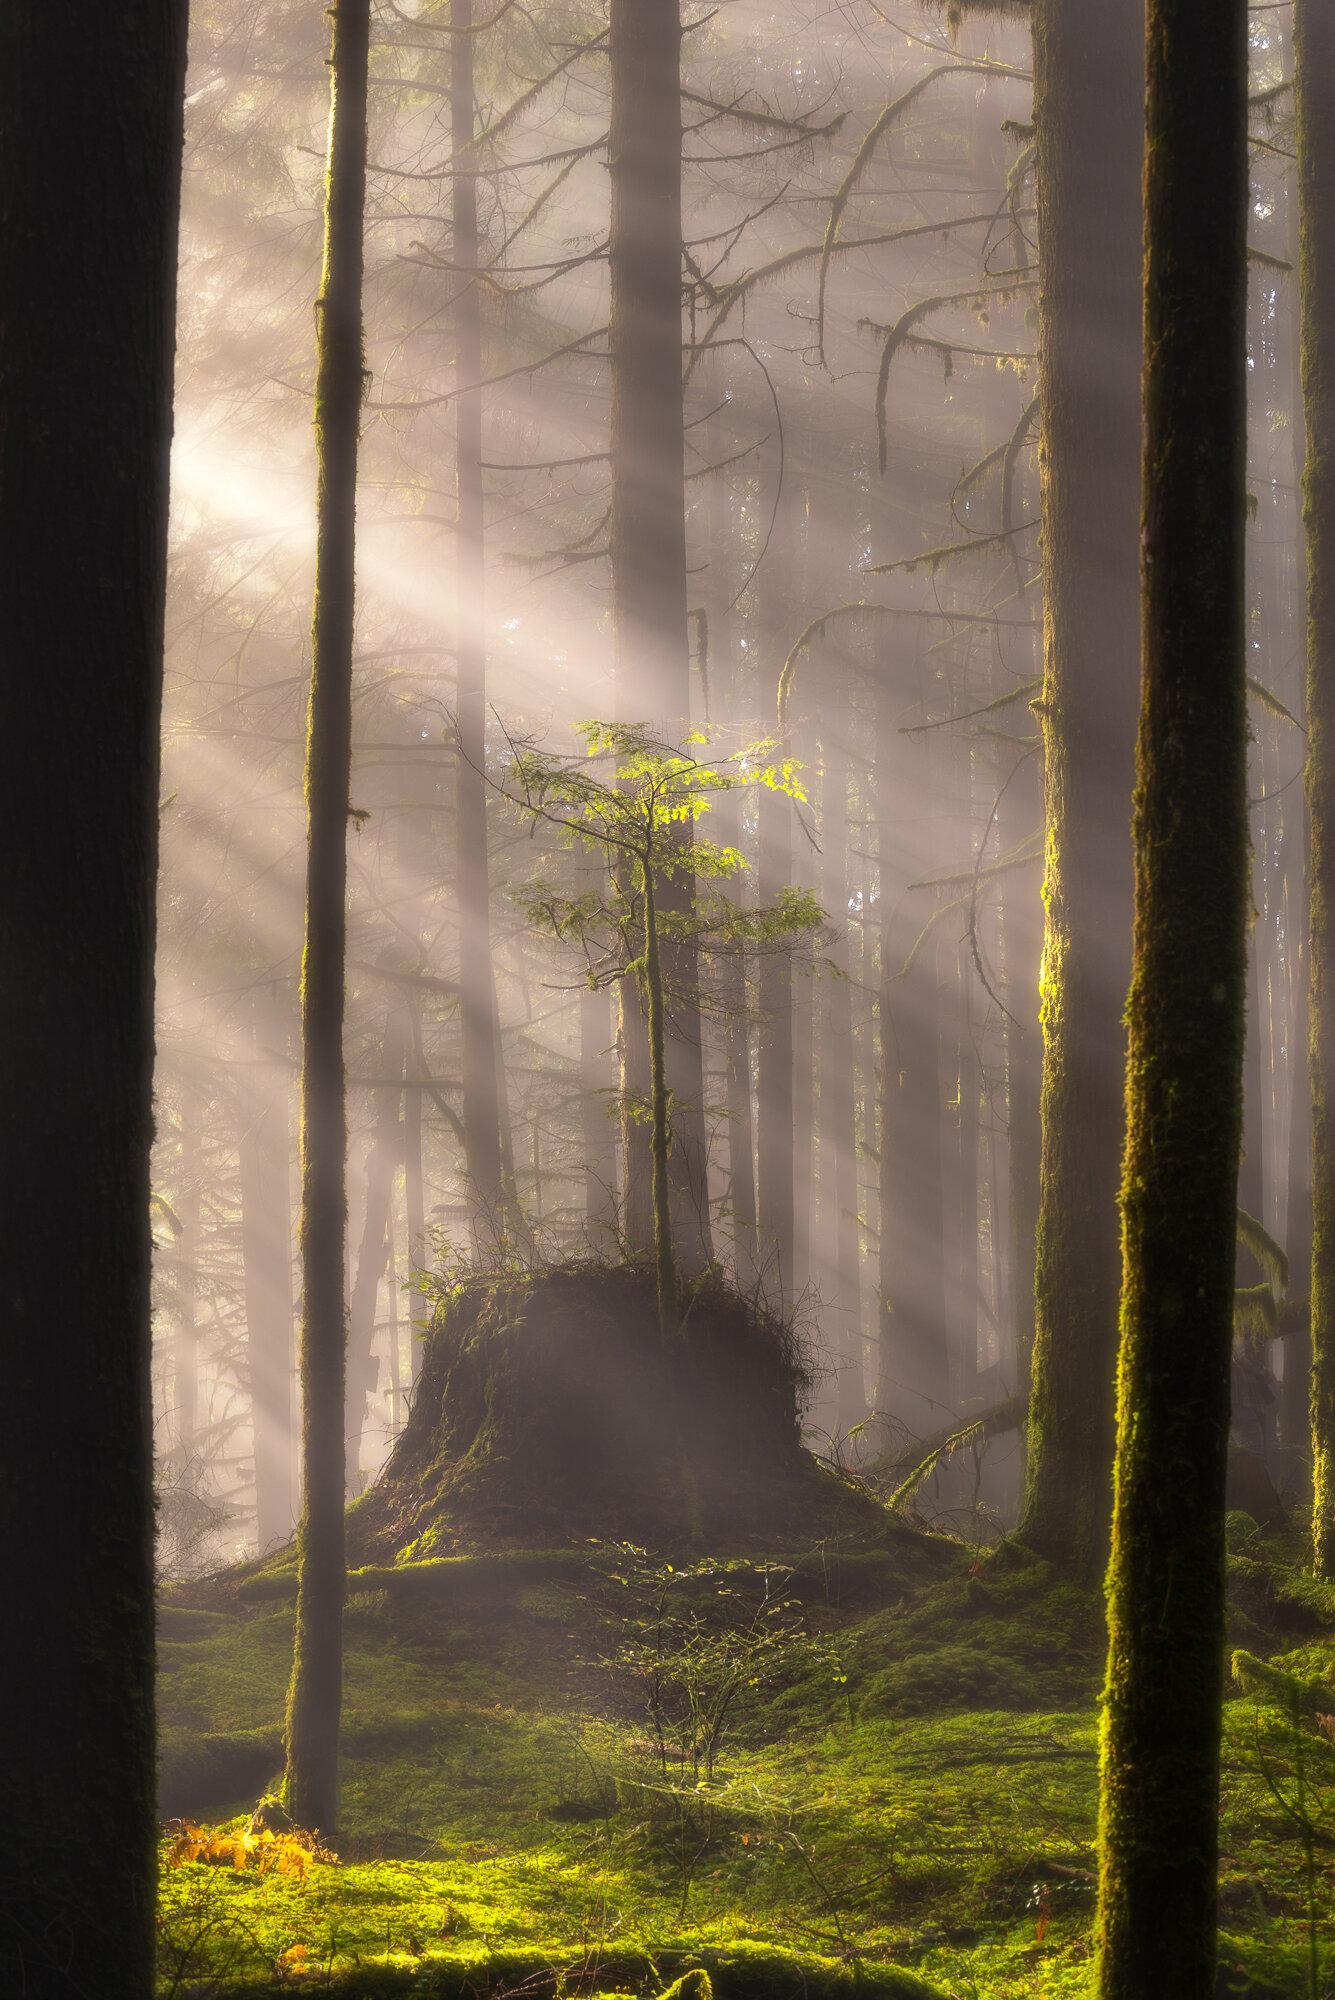 Vancouver Fog Photography: 'Illuminated'